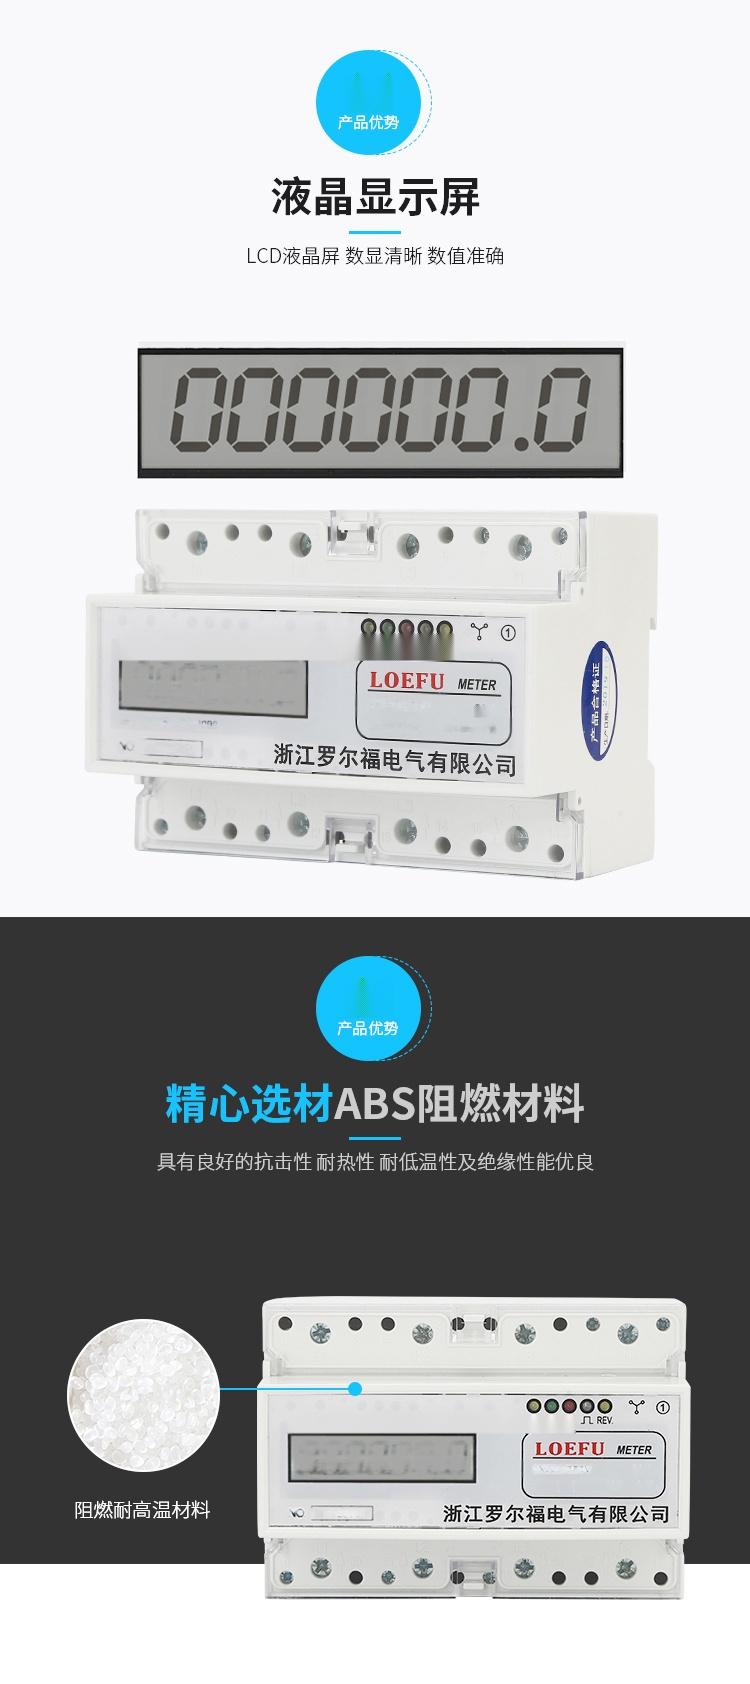 7P-DTSU5881-液晶显示_04.jpg